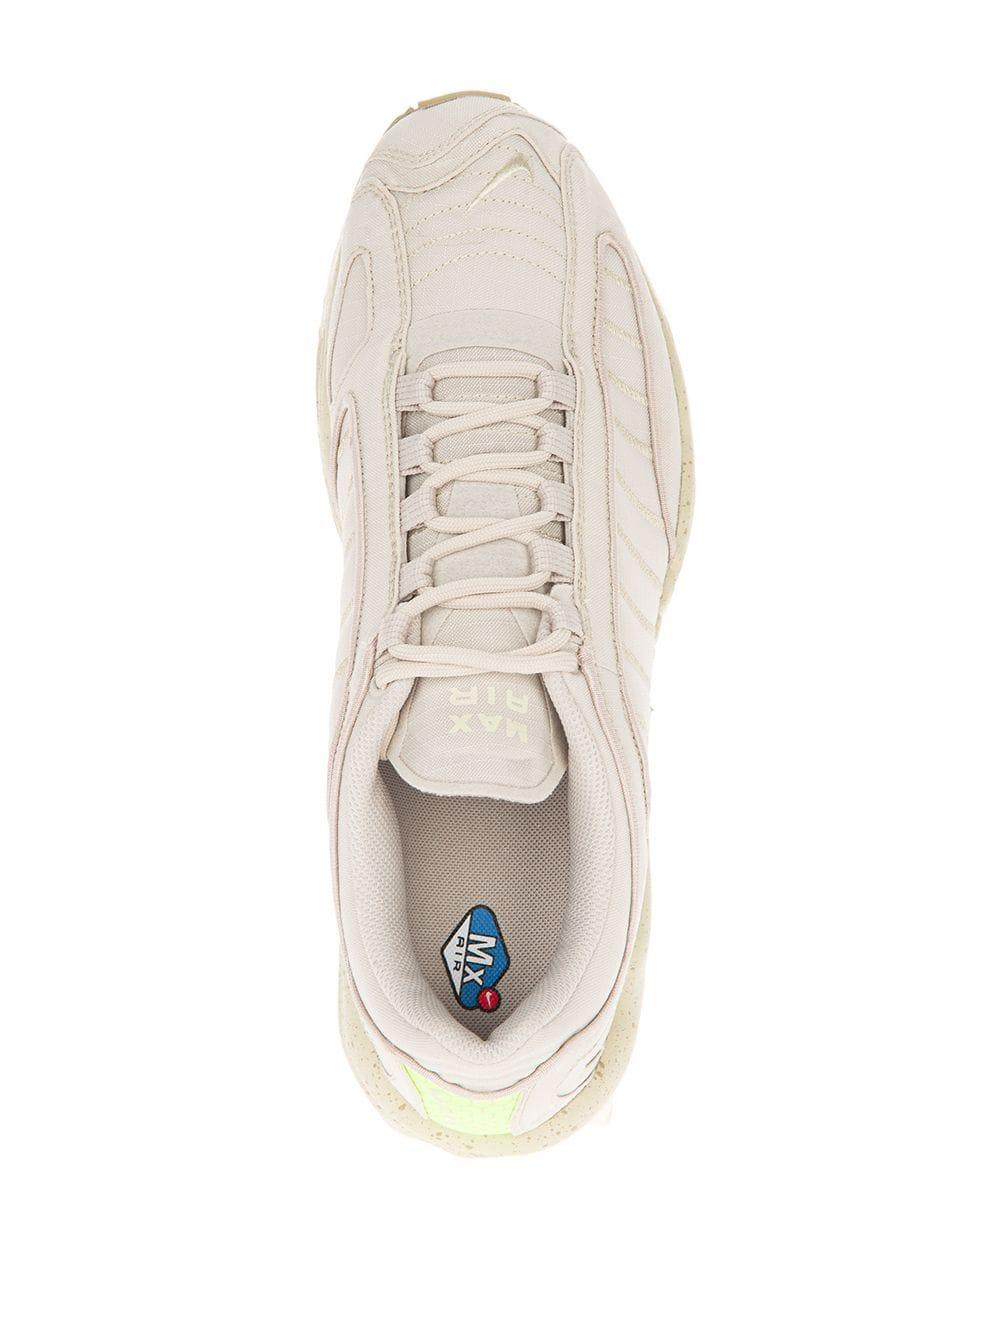 Baskets Air Max Tailwind Synthétique Nike pour homme en coloris Blanc NFlB